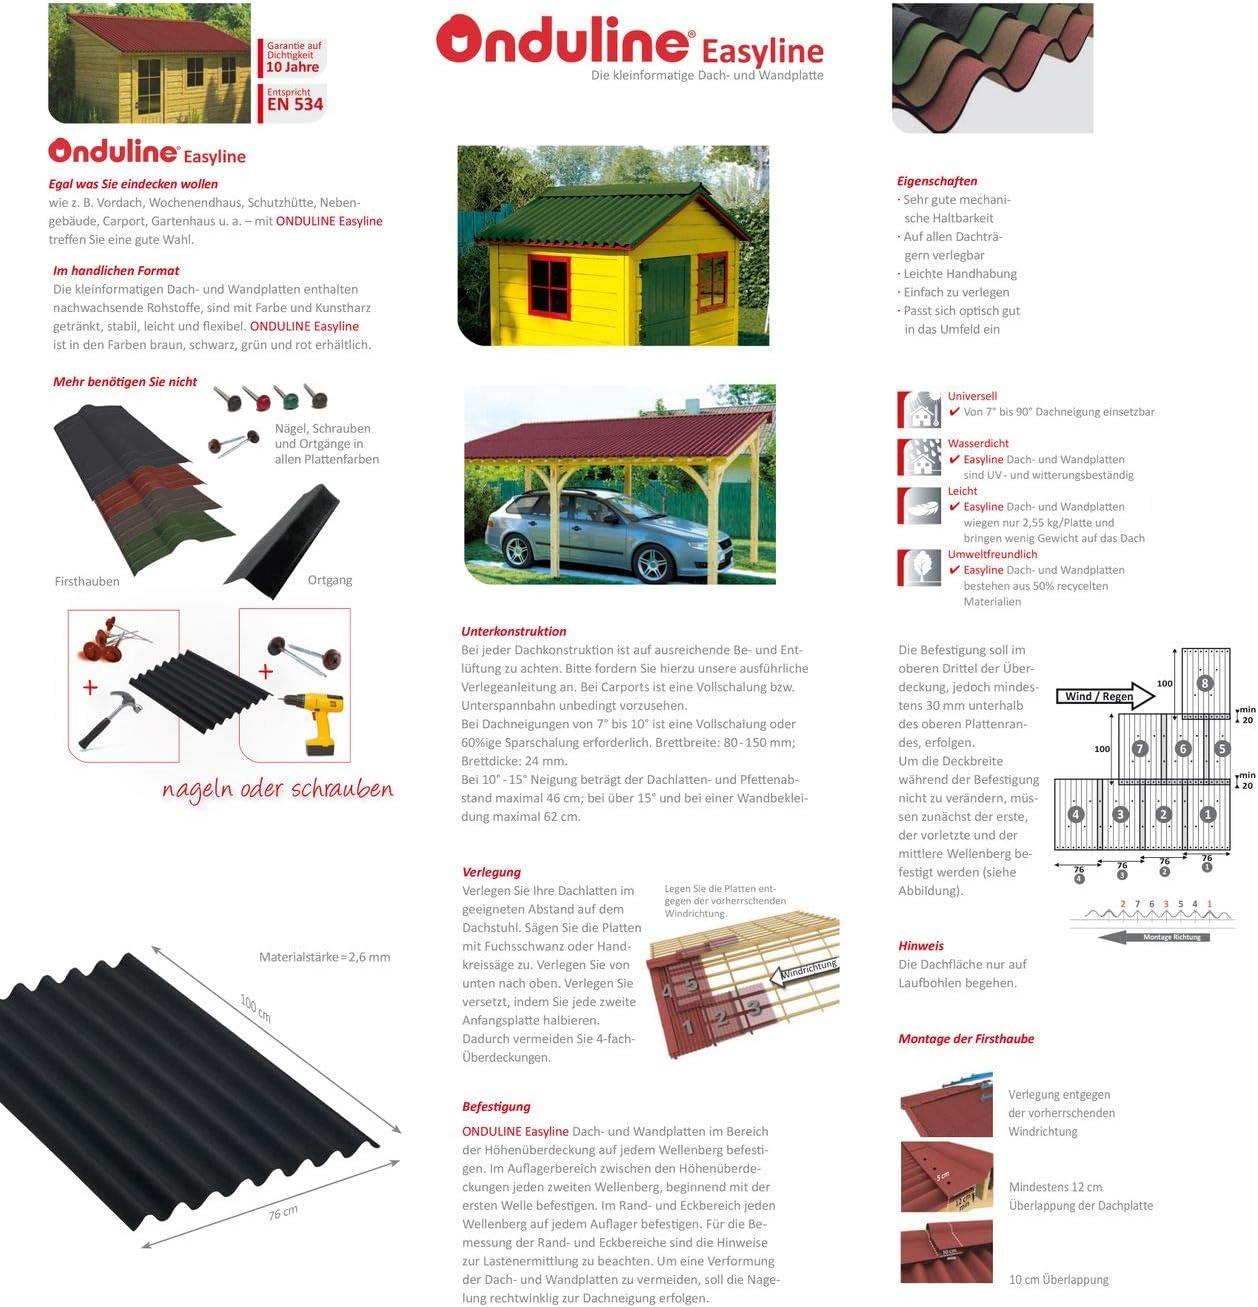 rot Onduline Easyline Dachplatte Wandplatte Trapezblech Wellplatte 5x0,76m/²